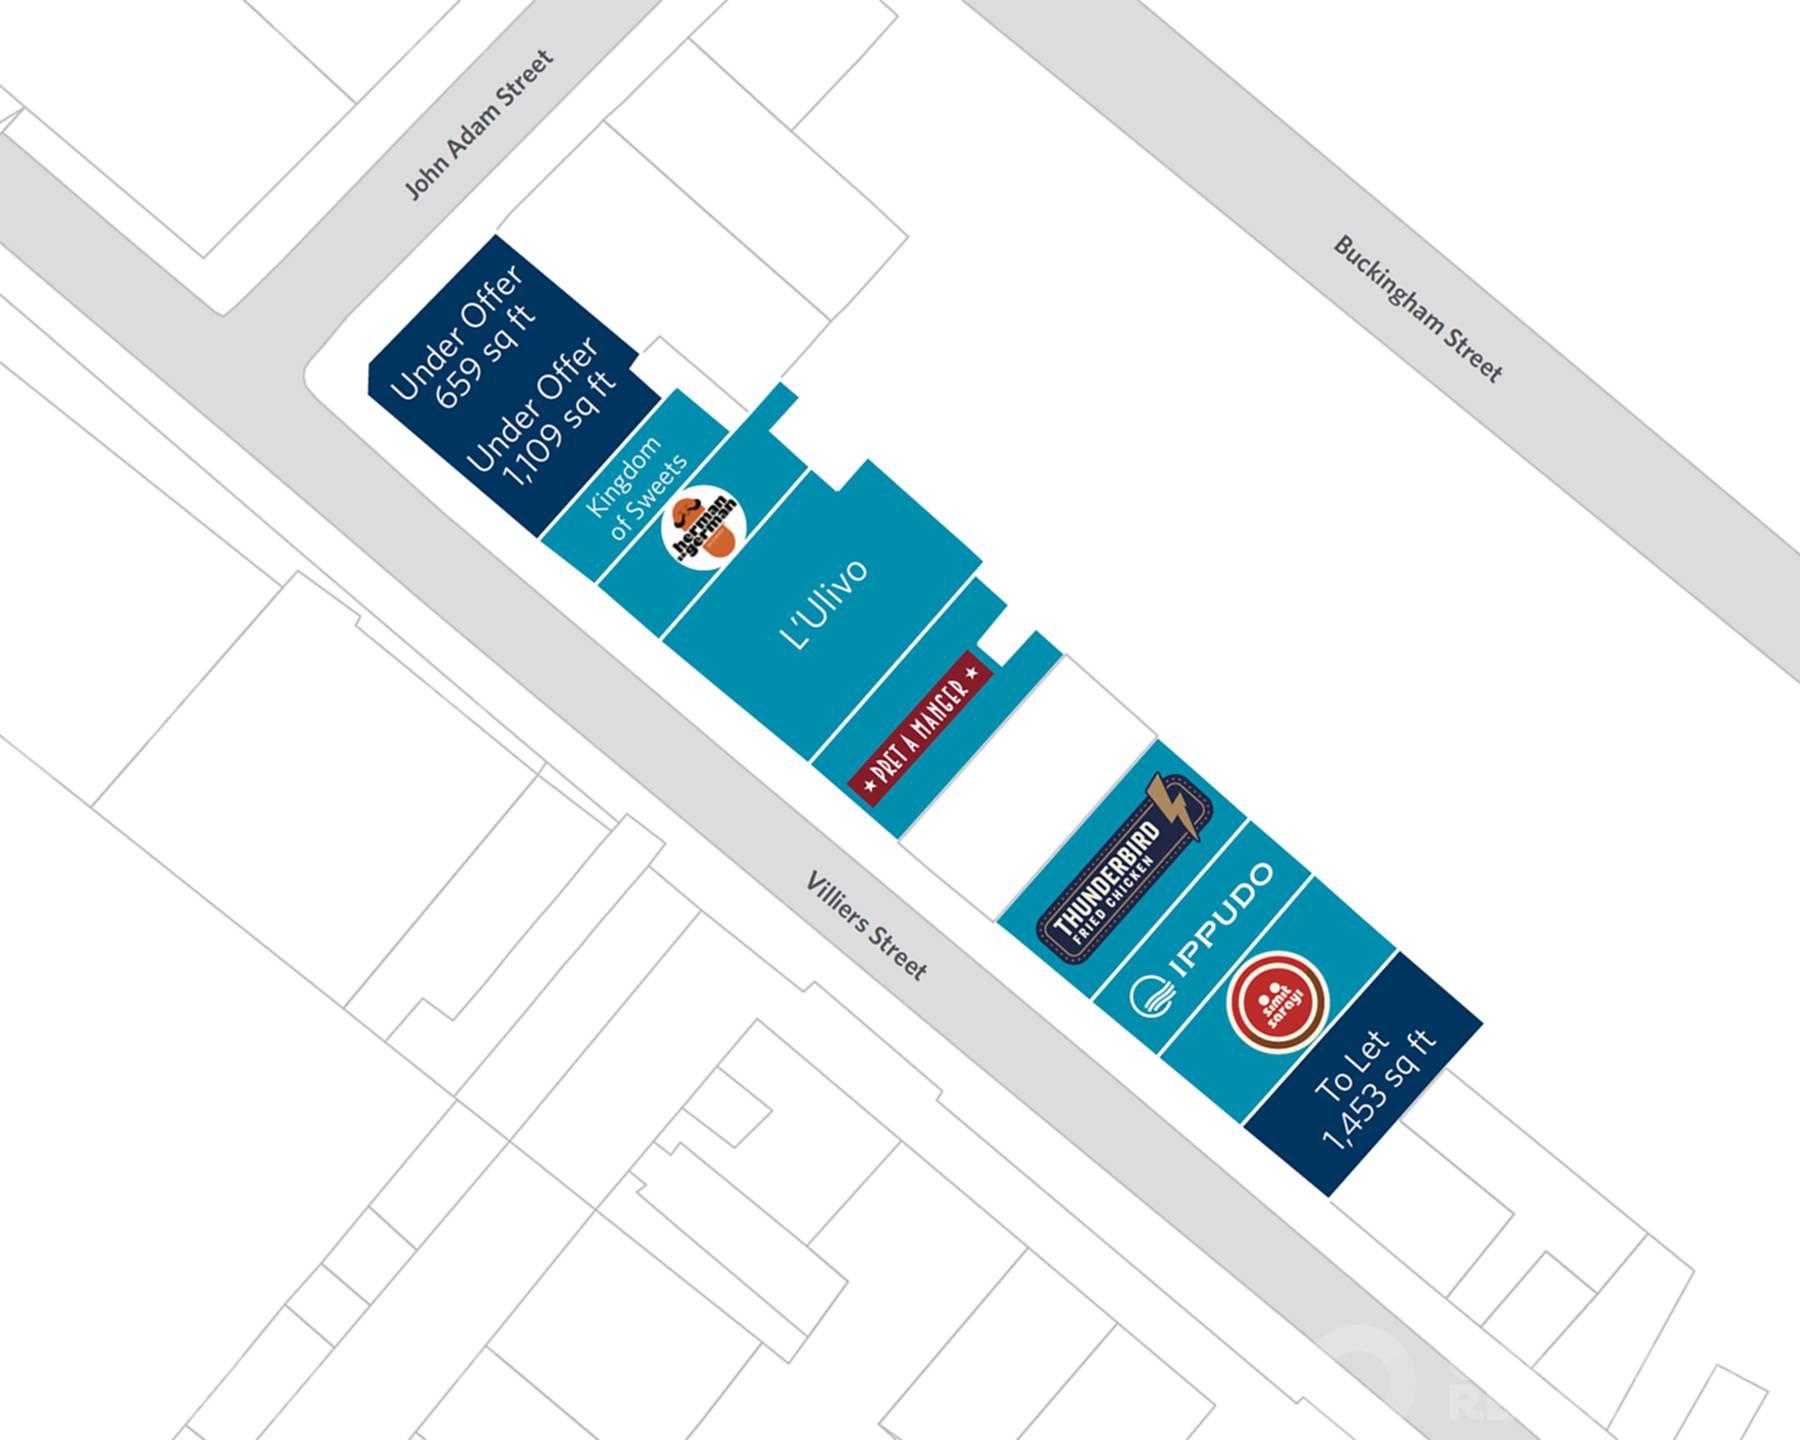 31 John Adam Street and 15-25 & 29-37 Villiers Street